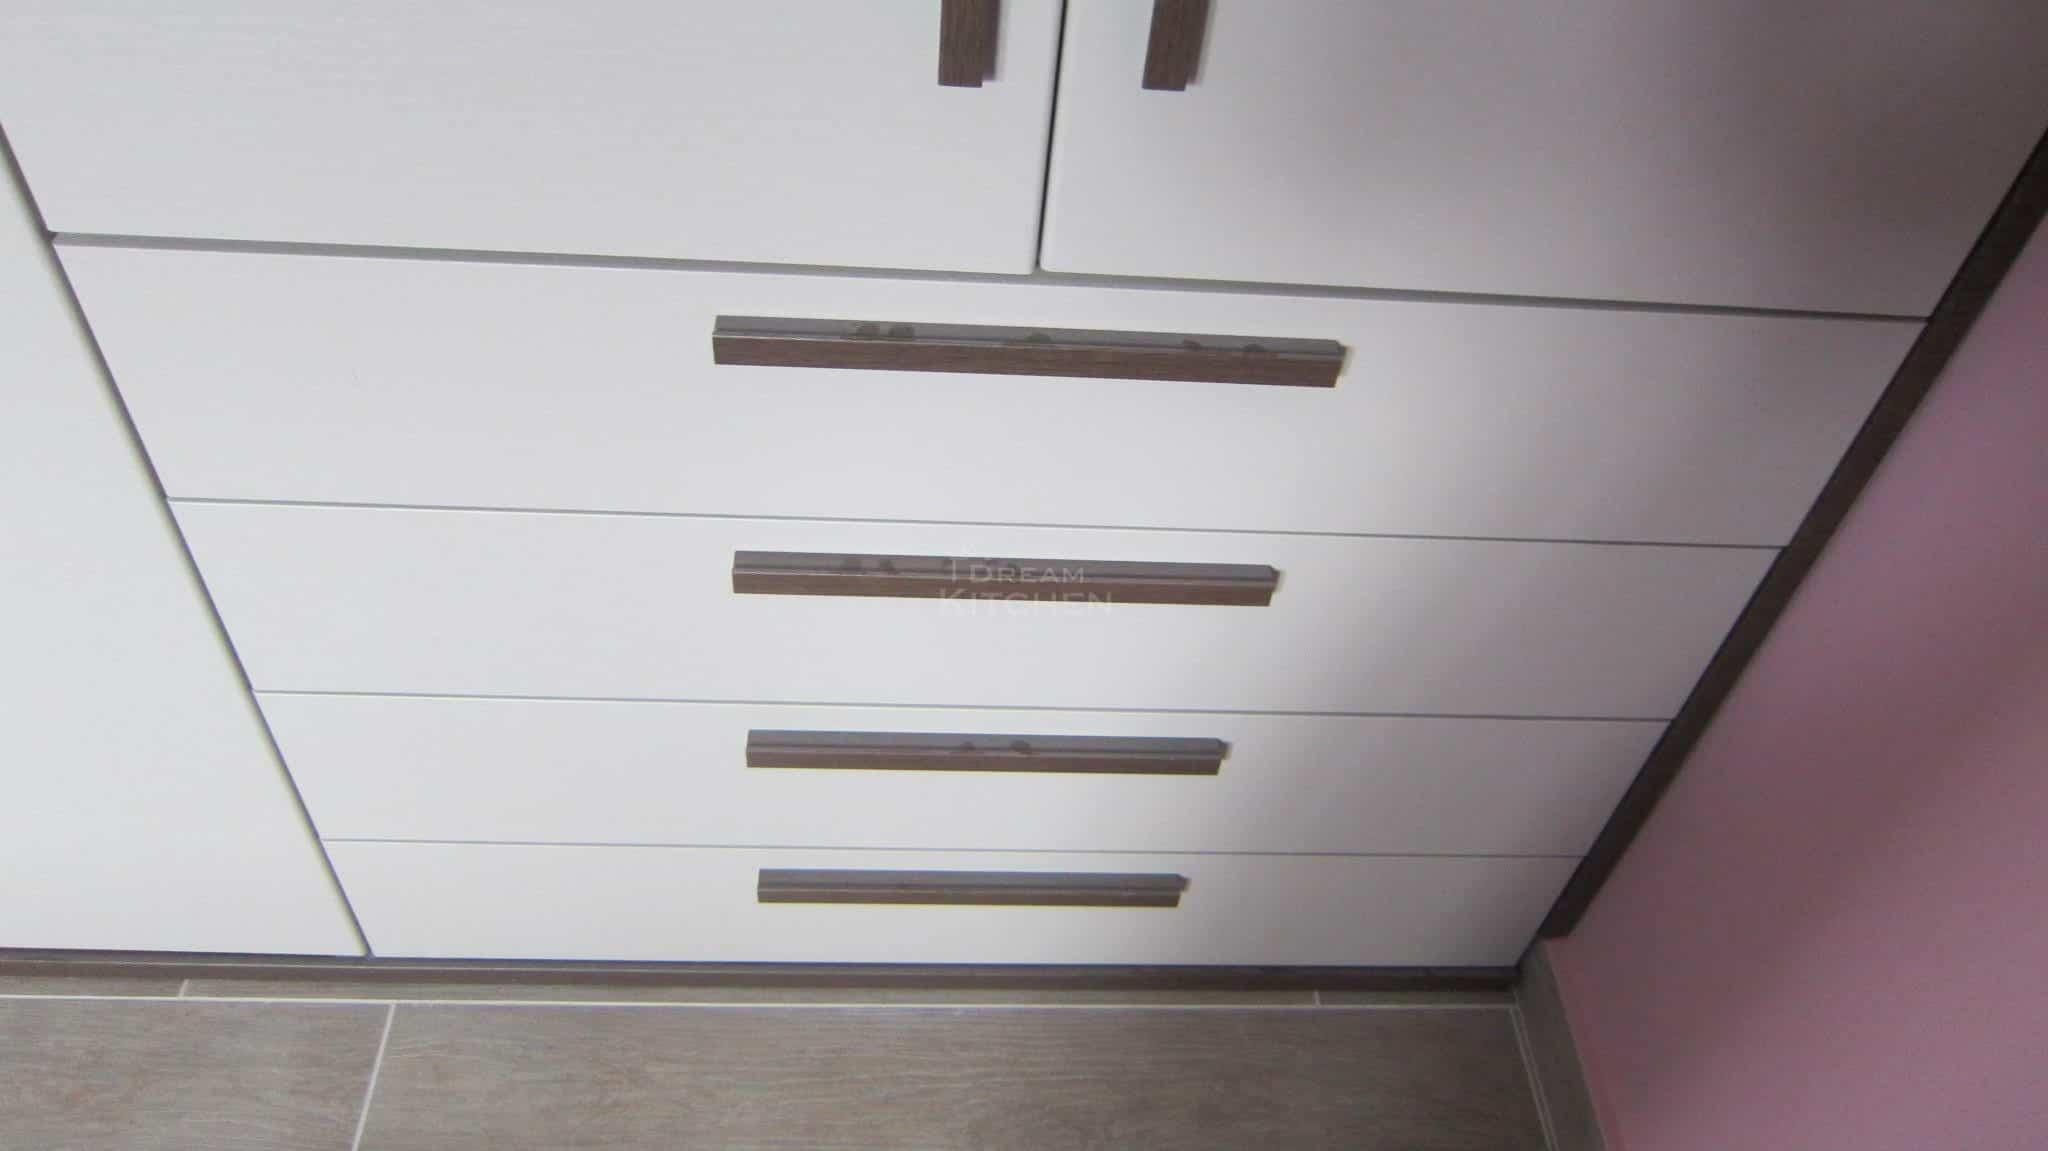 Πλήρης επίπλωση κατοικίας ντουλαπα βακελιτη 11